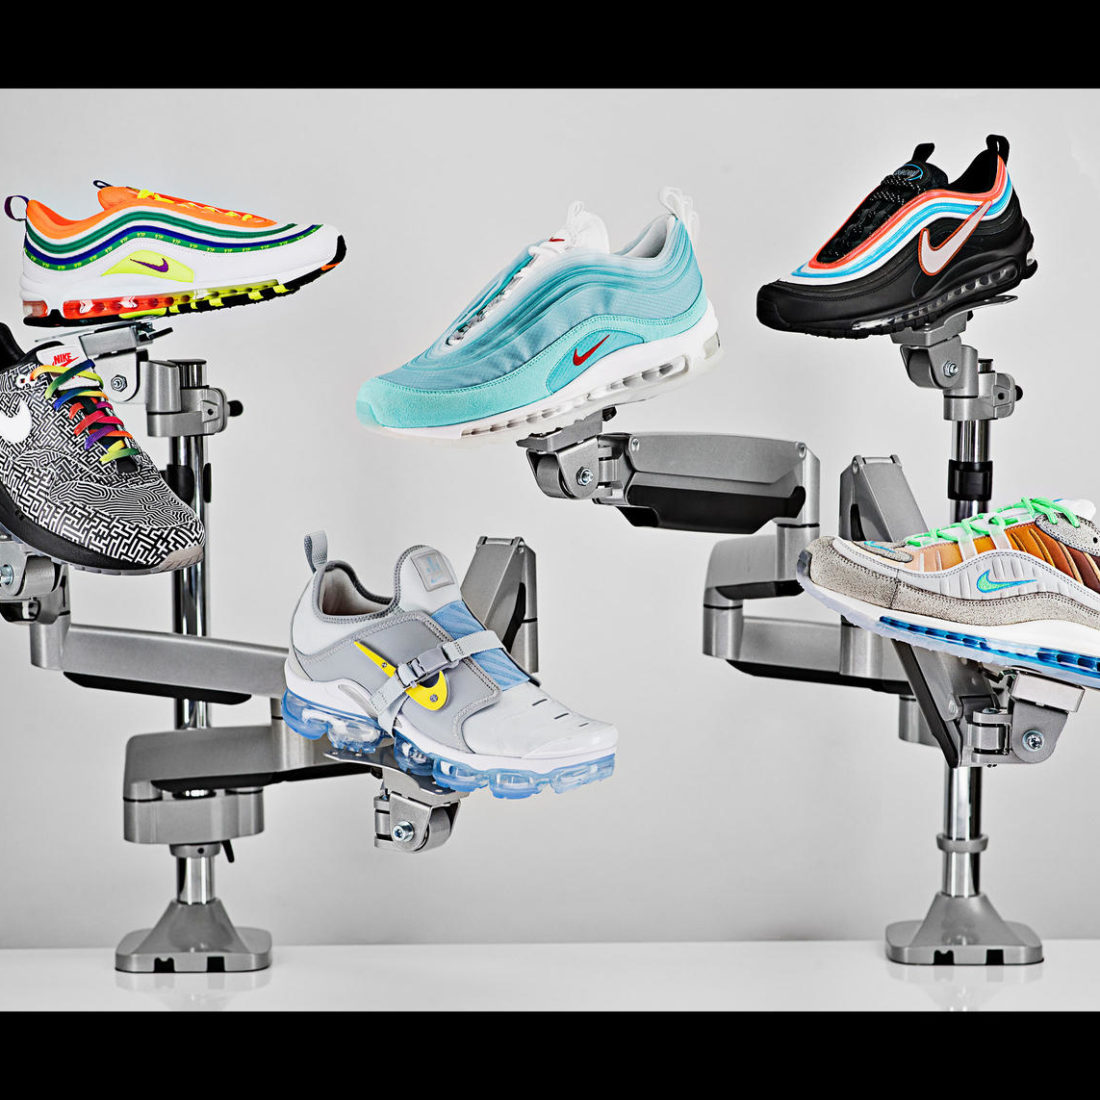 dd662977d4f Le Site de la Sneaker - Toute l actualité Sneakers au quotidien